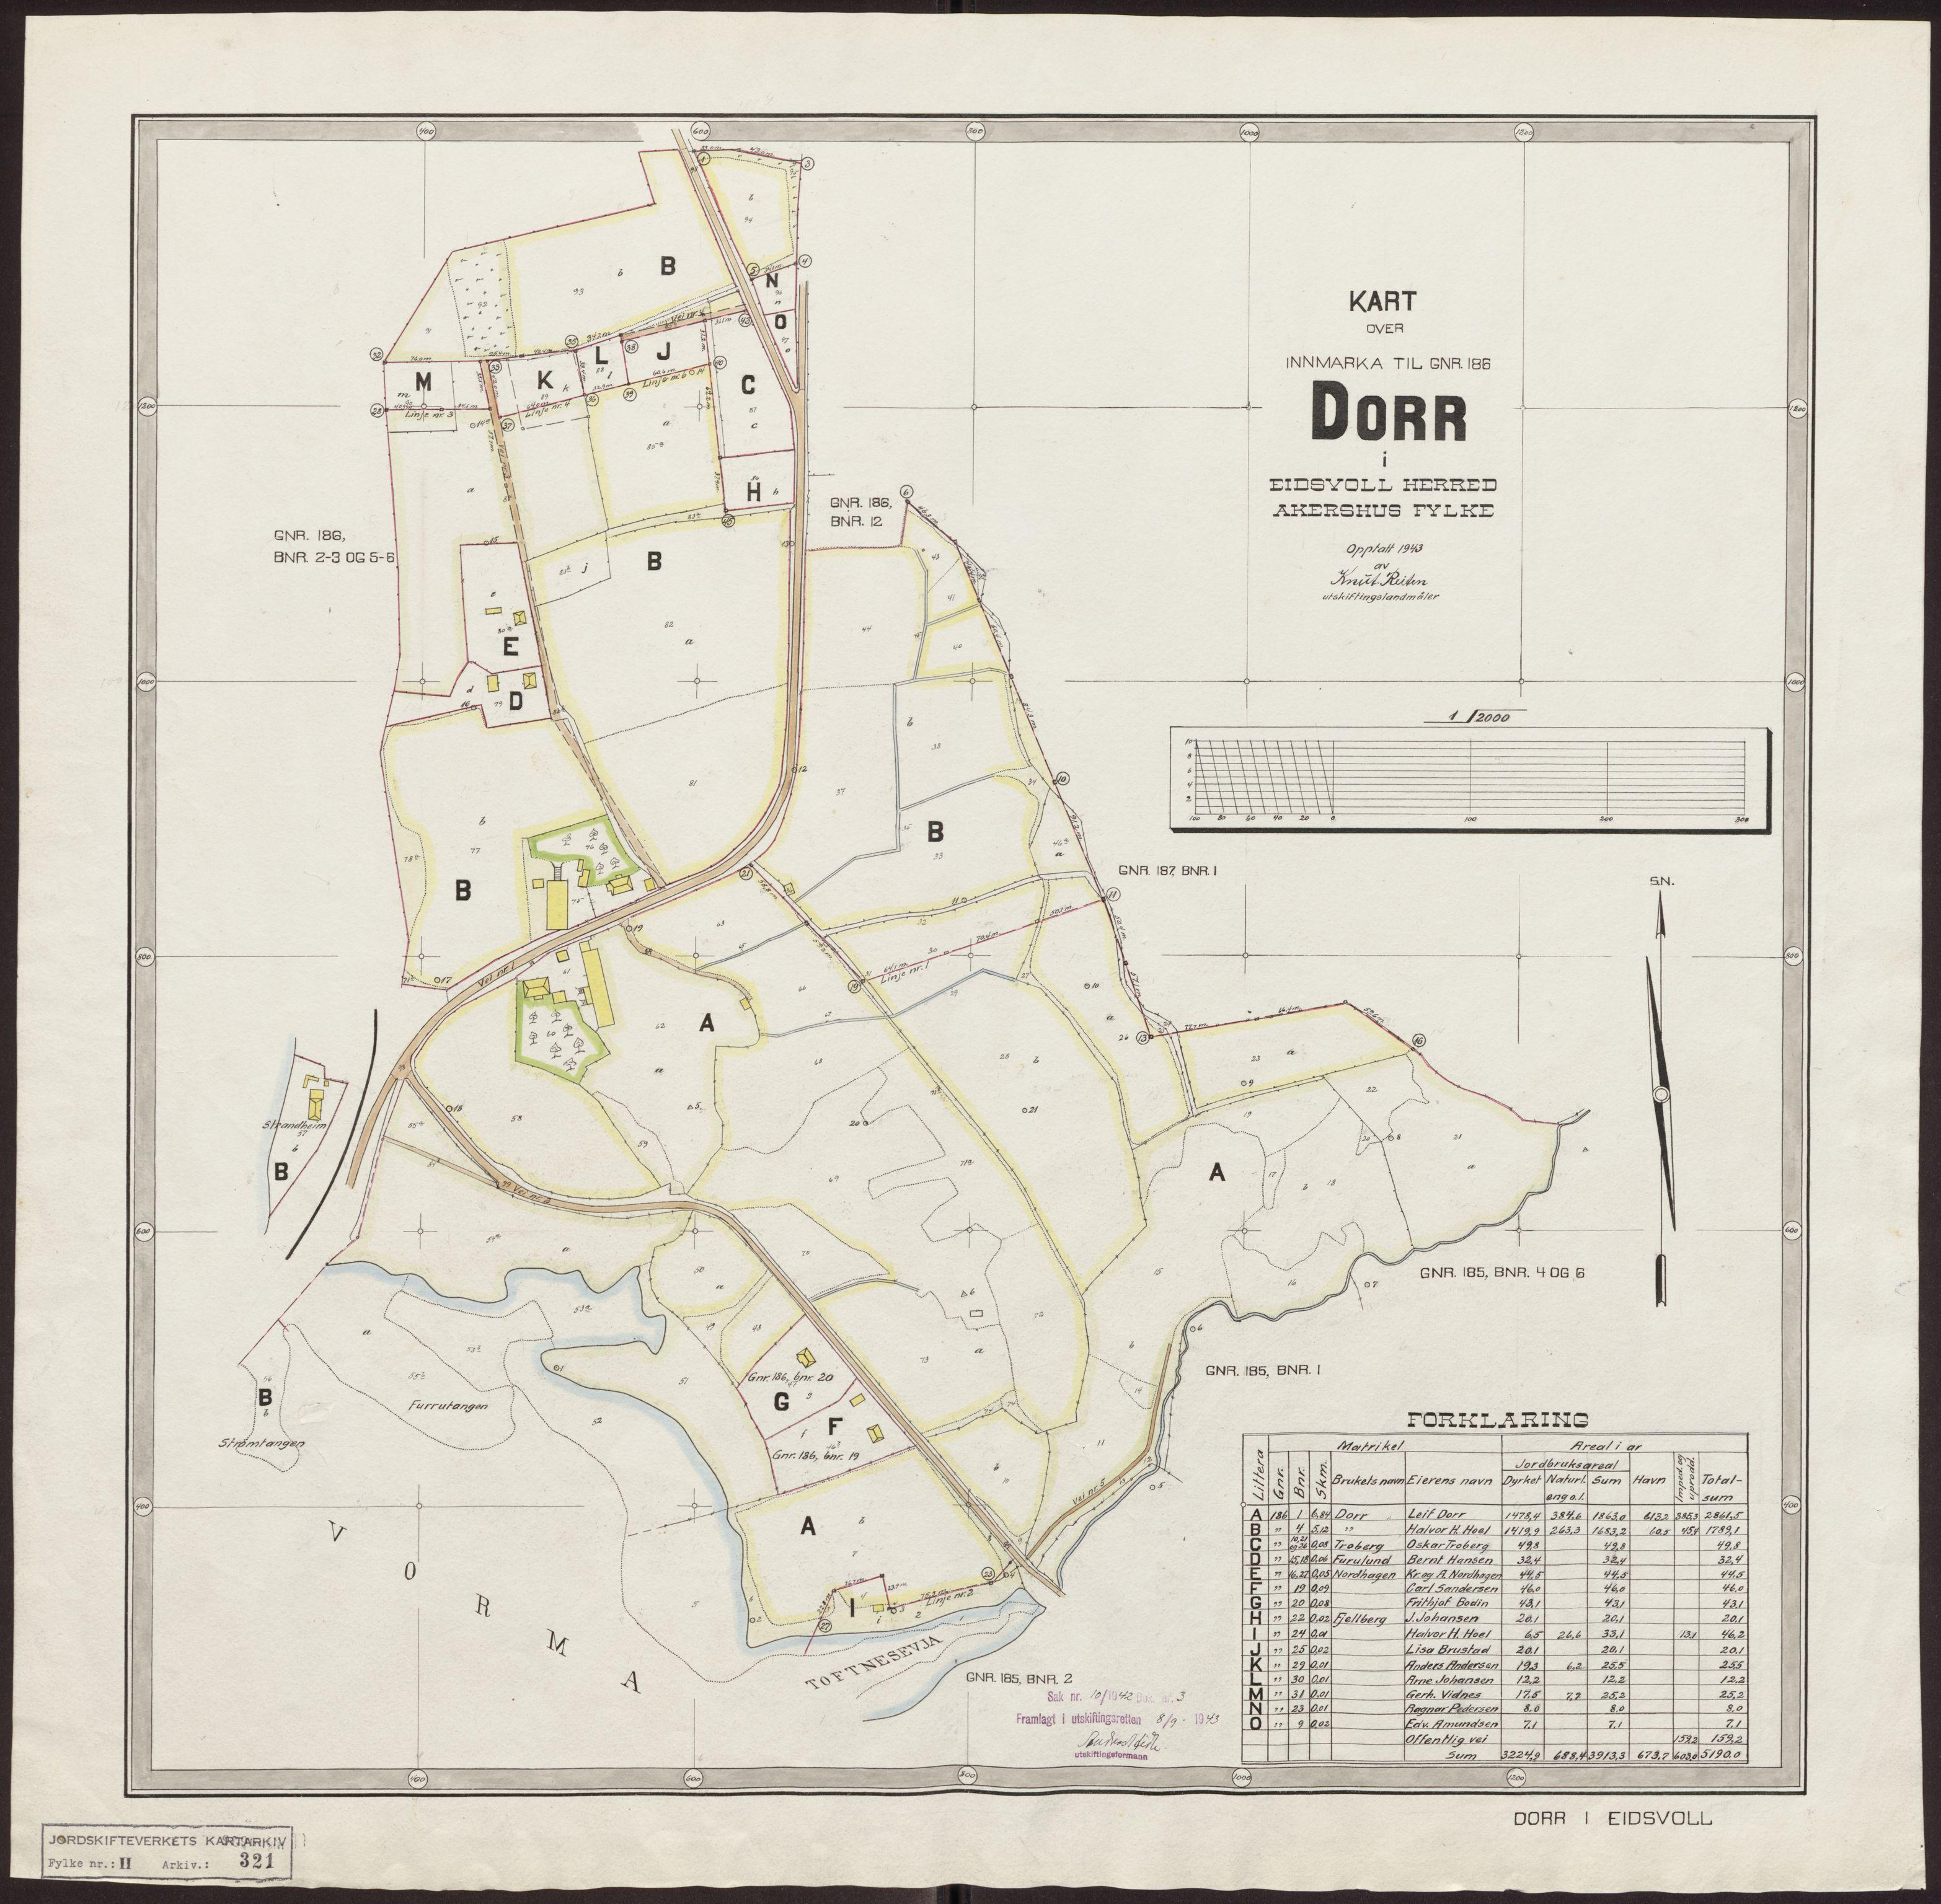 RA, Jordskifteverkets kartarkiv, T, 1859-1988